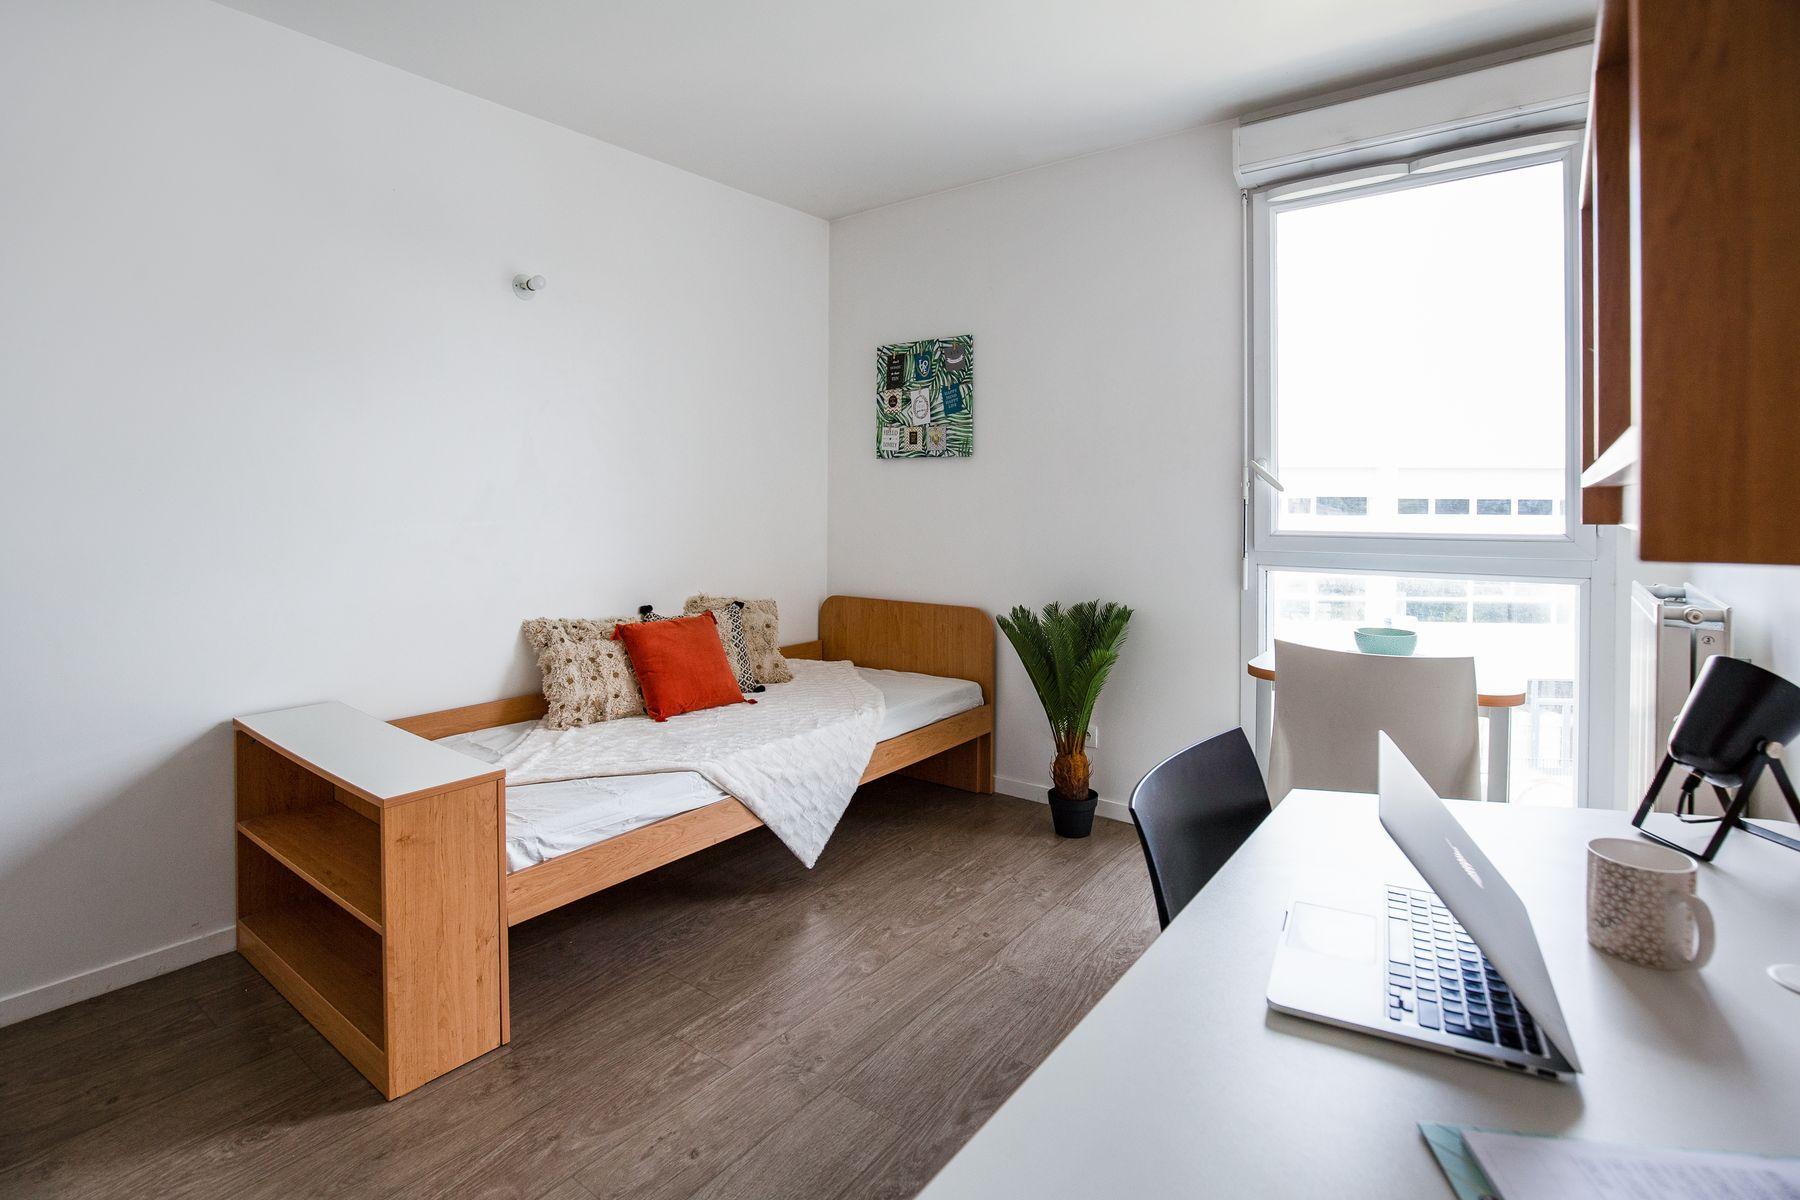 LOGIFAC résidence étudiante Compas Palaiseau lit bureau ordi